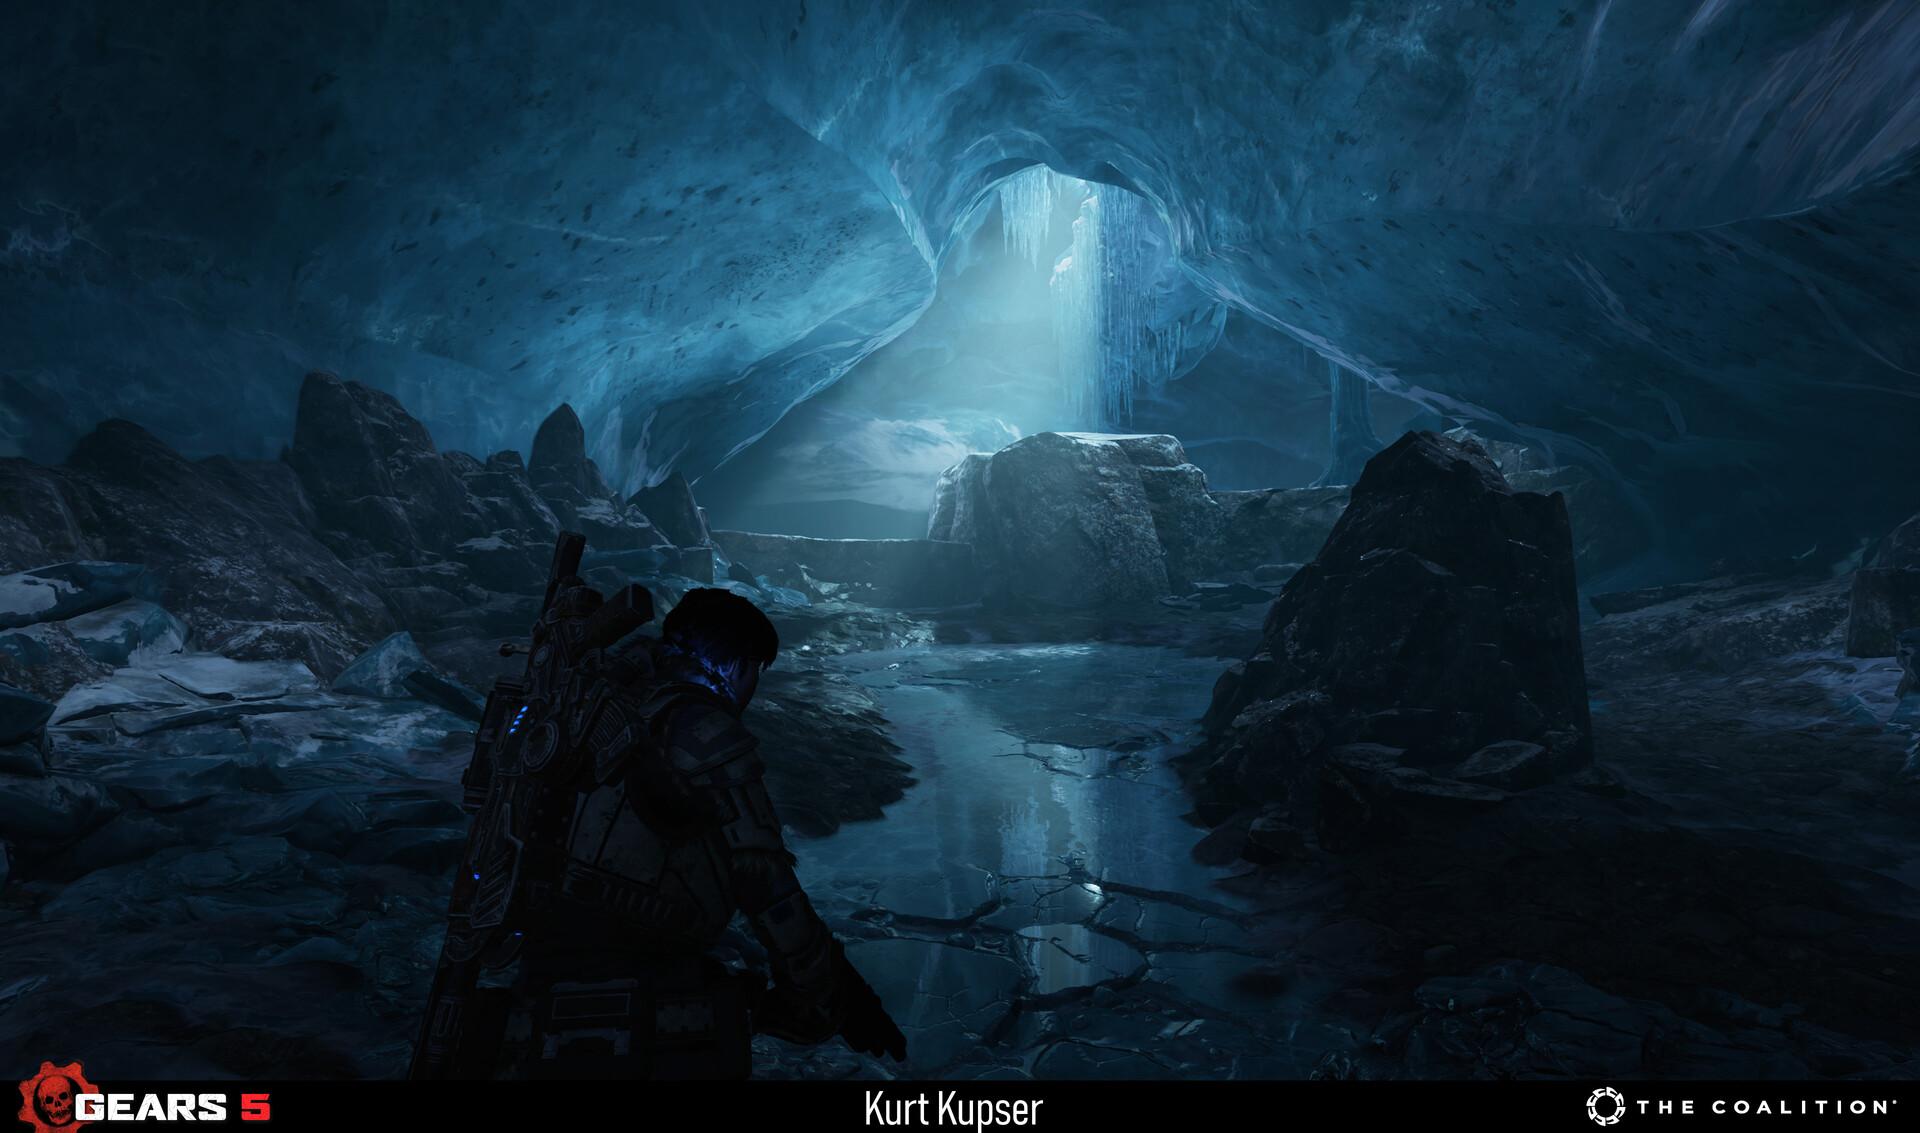 Kurt kupser ice cave game1